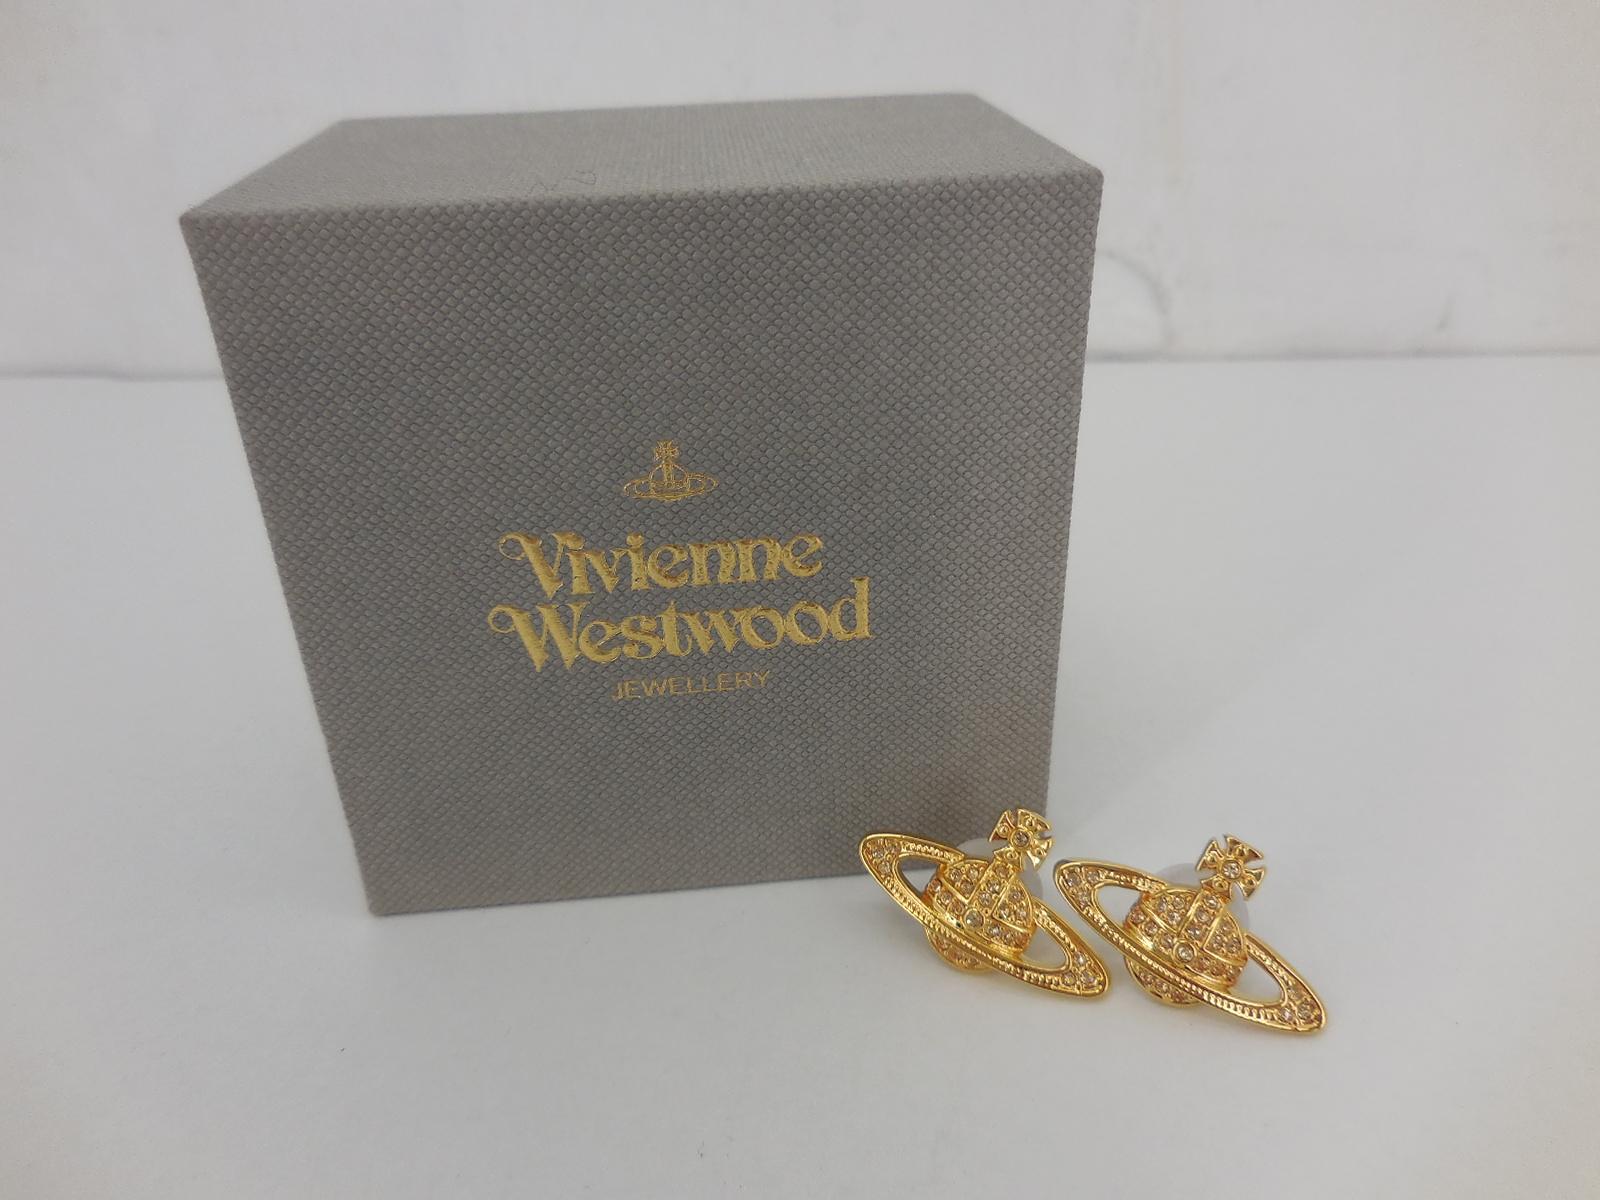 Vivienne Westwood ミニバスレリーフ ピアス ヴィヴィアンウエストウッド ゴールド